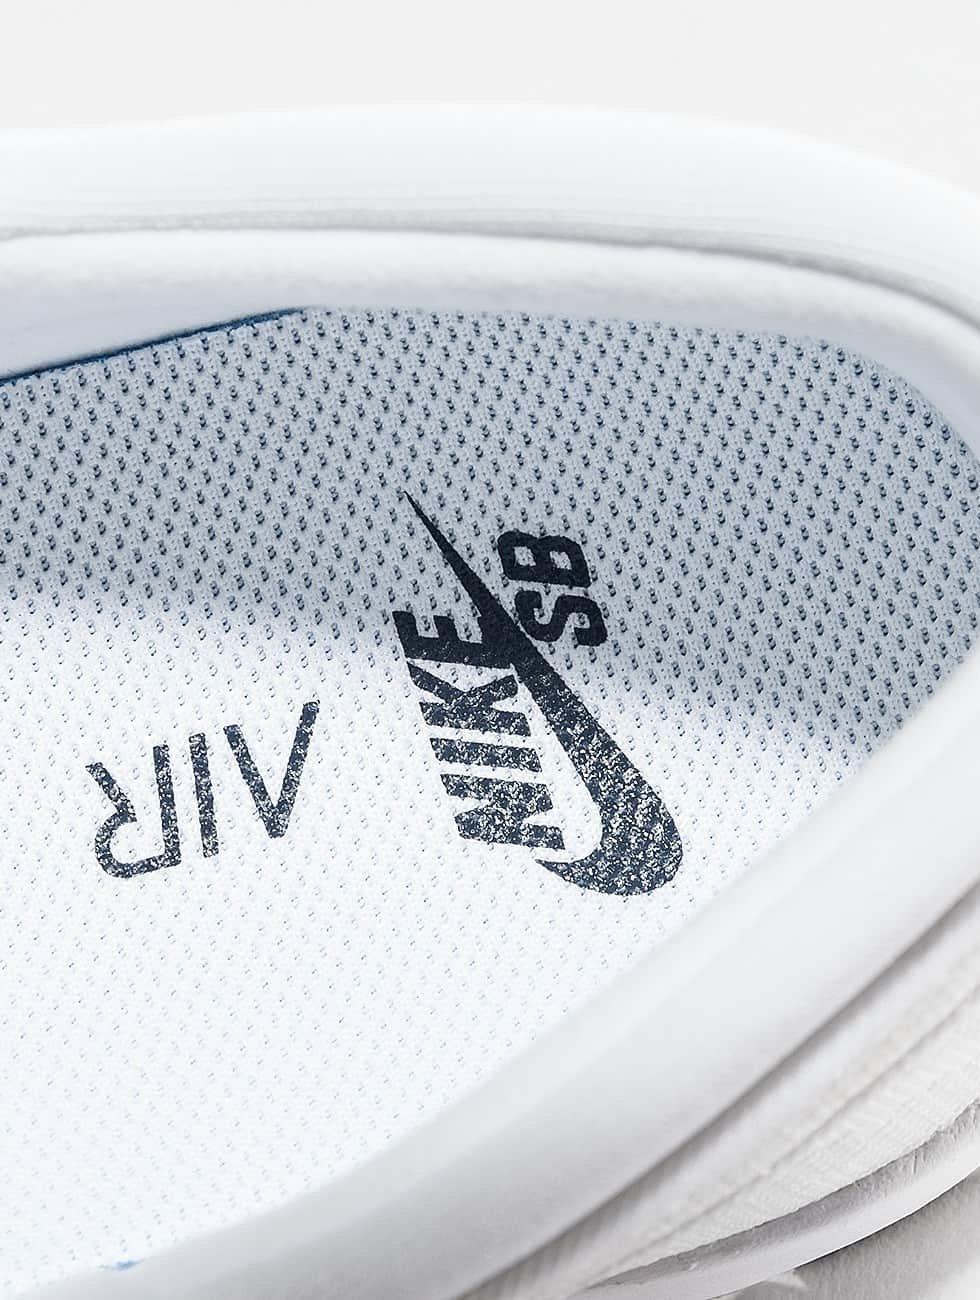 Nike SB schoen / sneaker SB Stefan Janoski Max in wit 402716 2018 Te Koop aanbod Beste Prijs 3uz8F